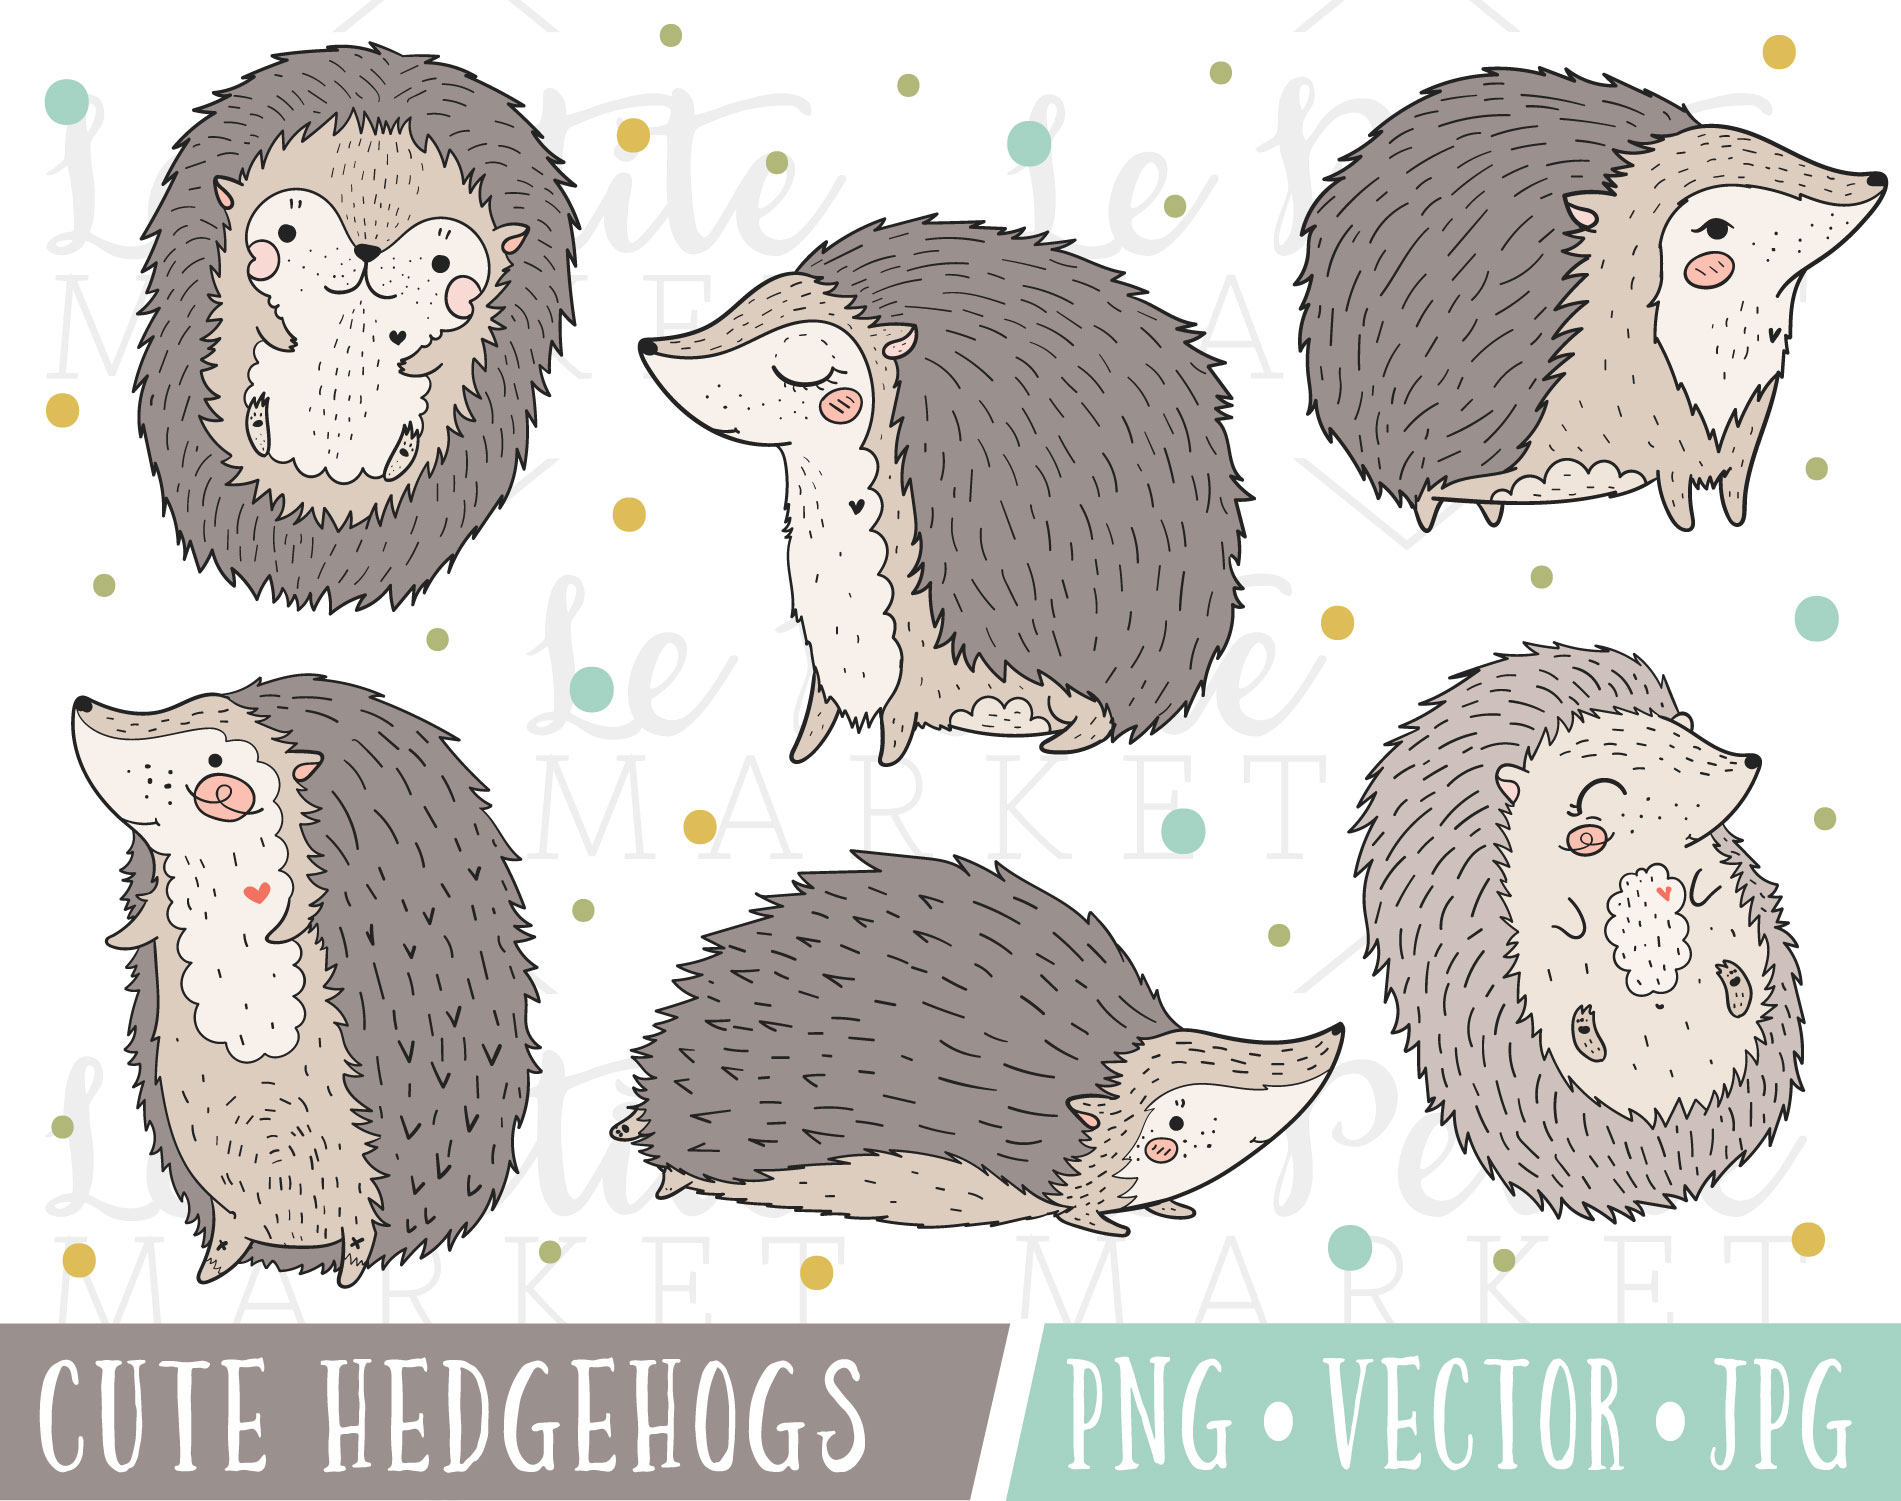 Hedgehog clipart cute. Images kawaii clip art